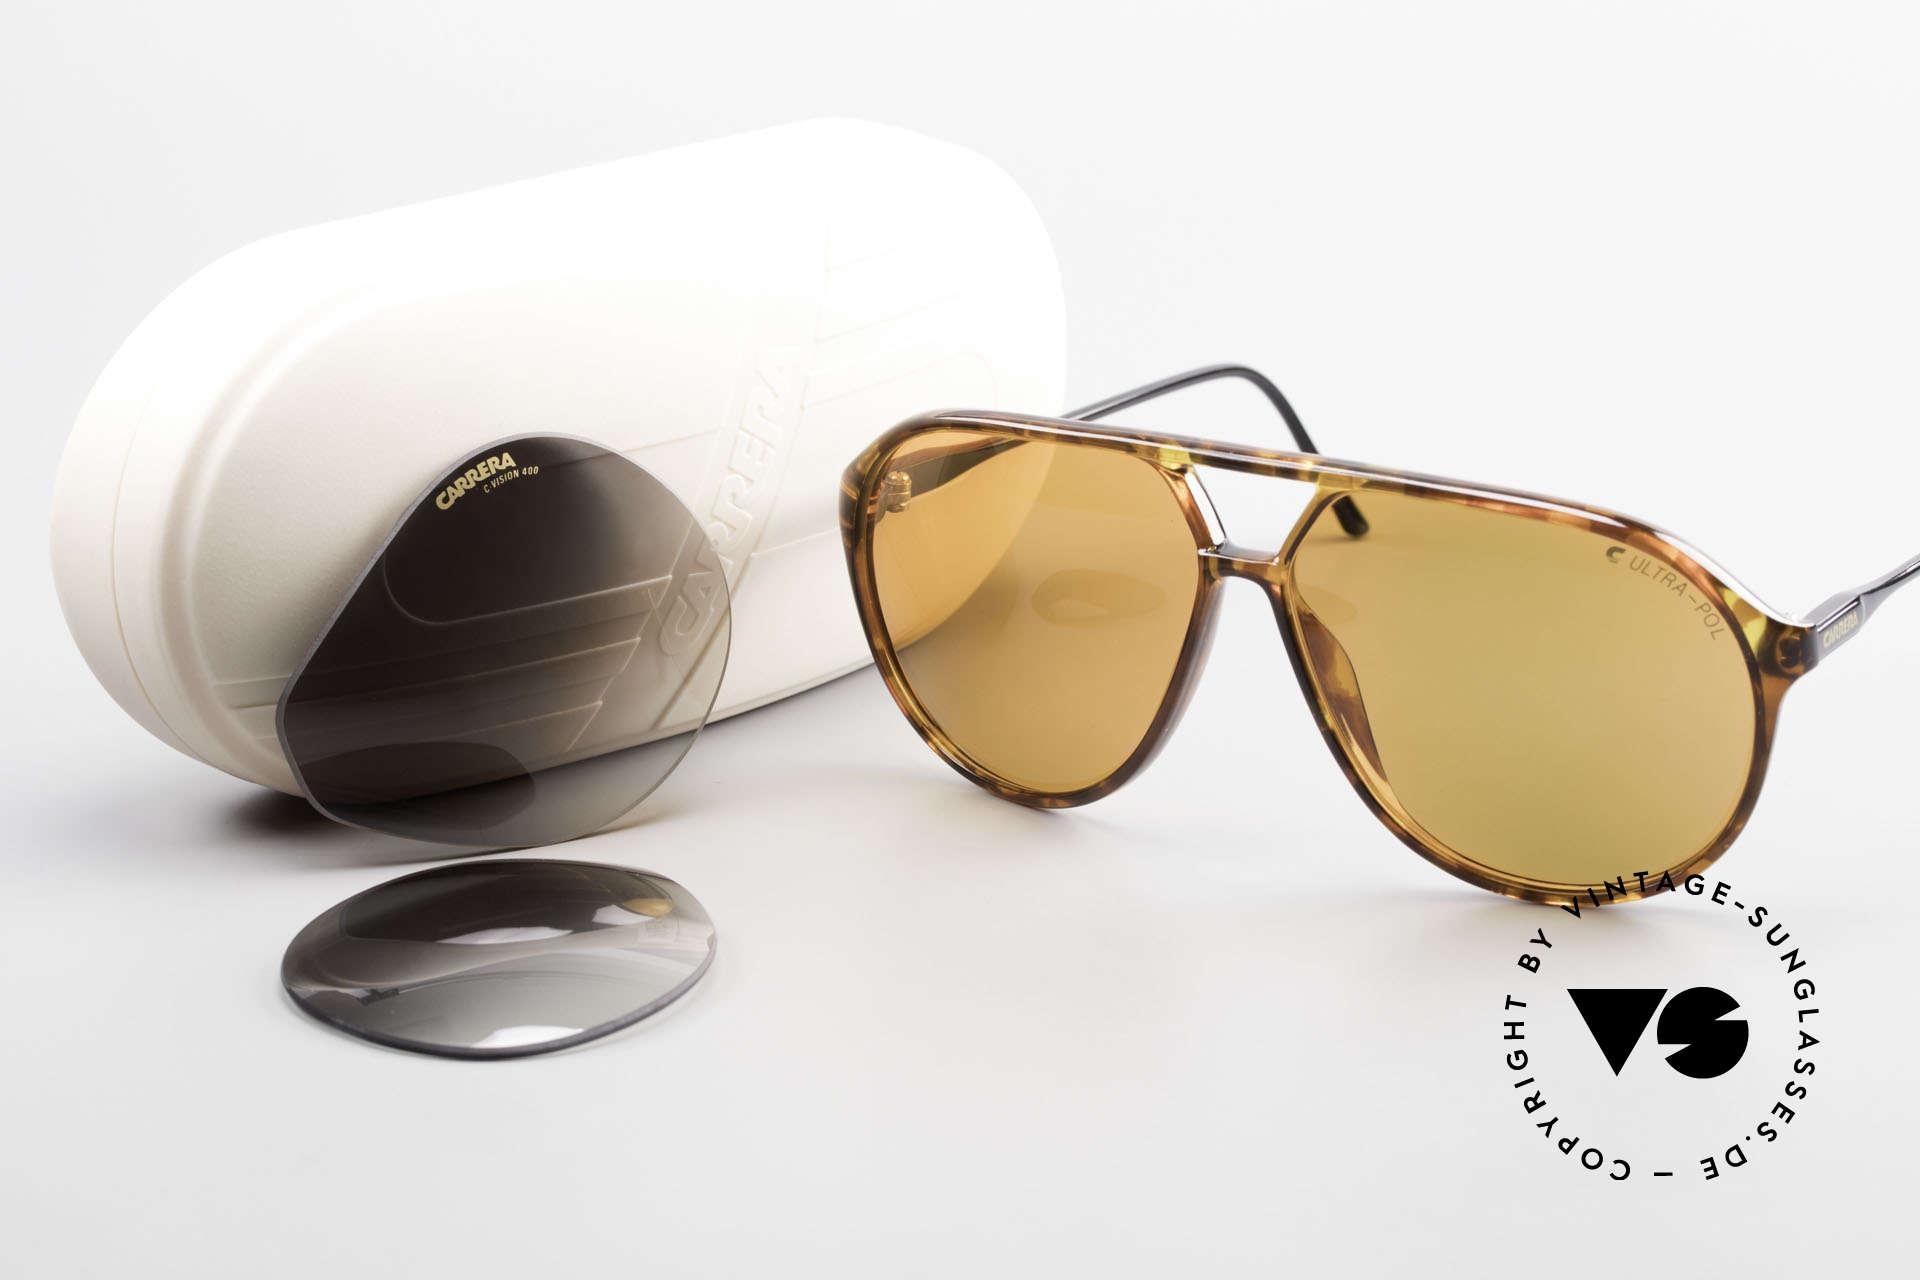 Carrera 5425 Sonnenbrille Polarisierend 80s, Robert De Niro trug ein solches Modell im Film 'Casino', Passend für Herren